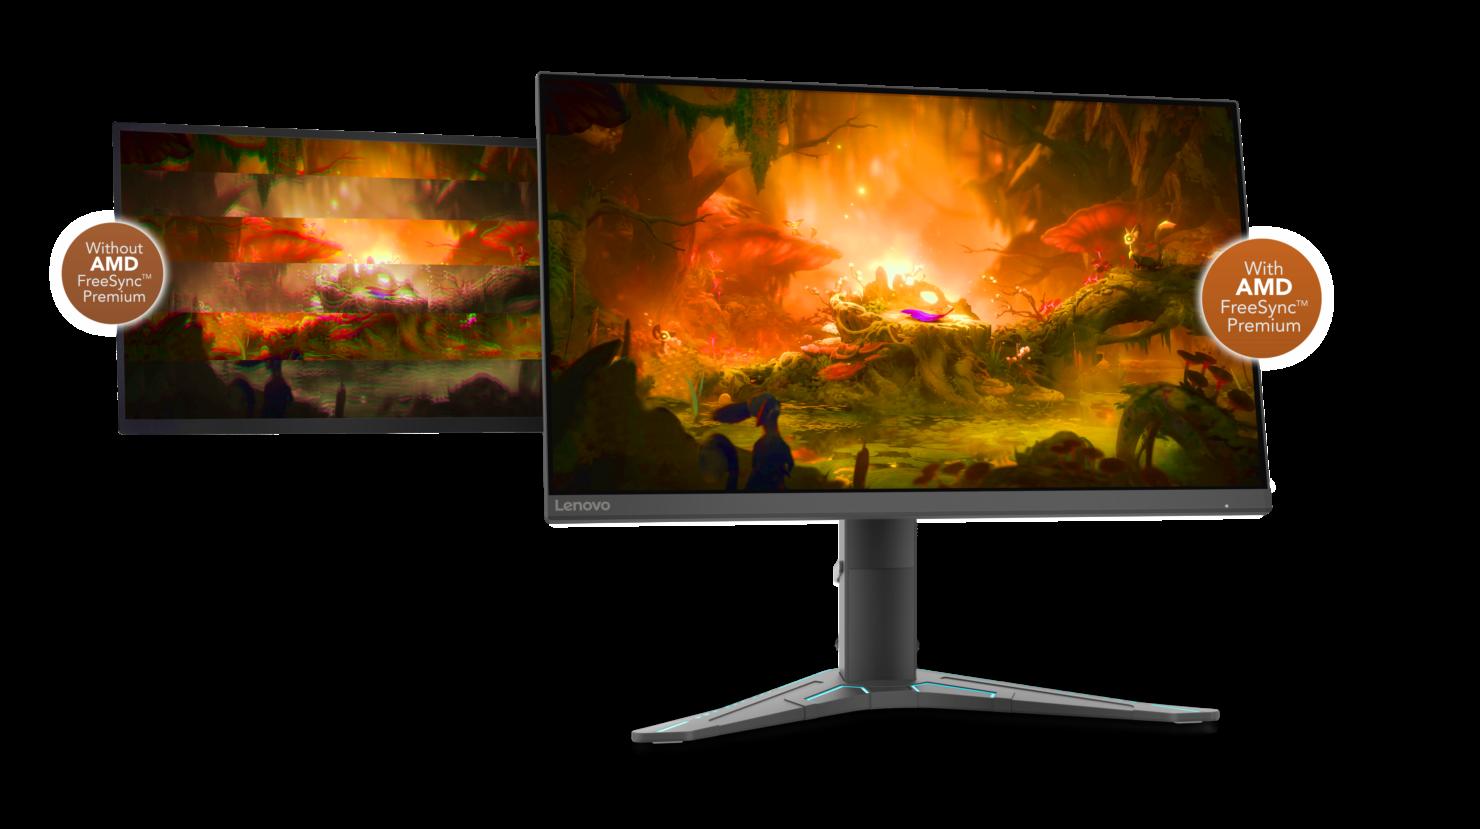 lenovo-g27-20-gaming-monitor_no_tearing-custom